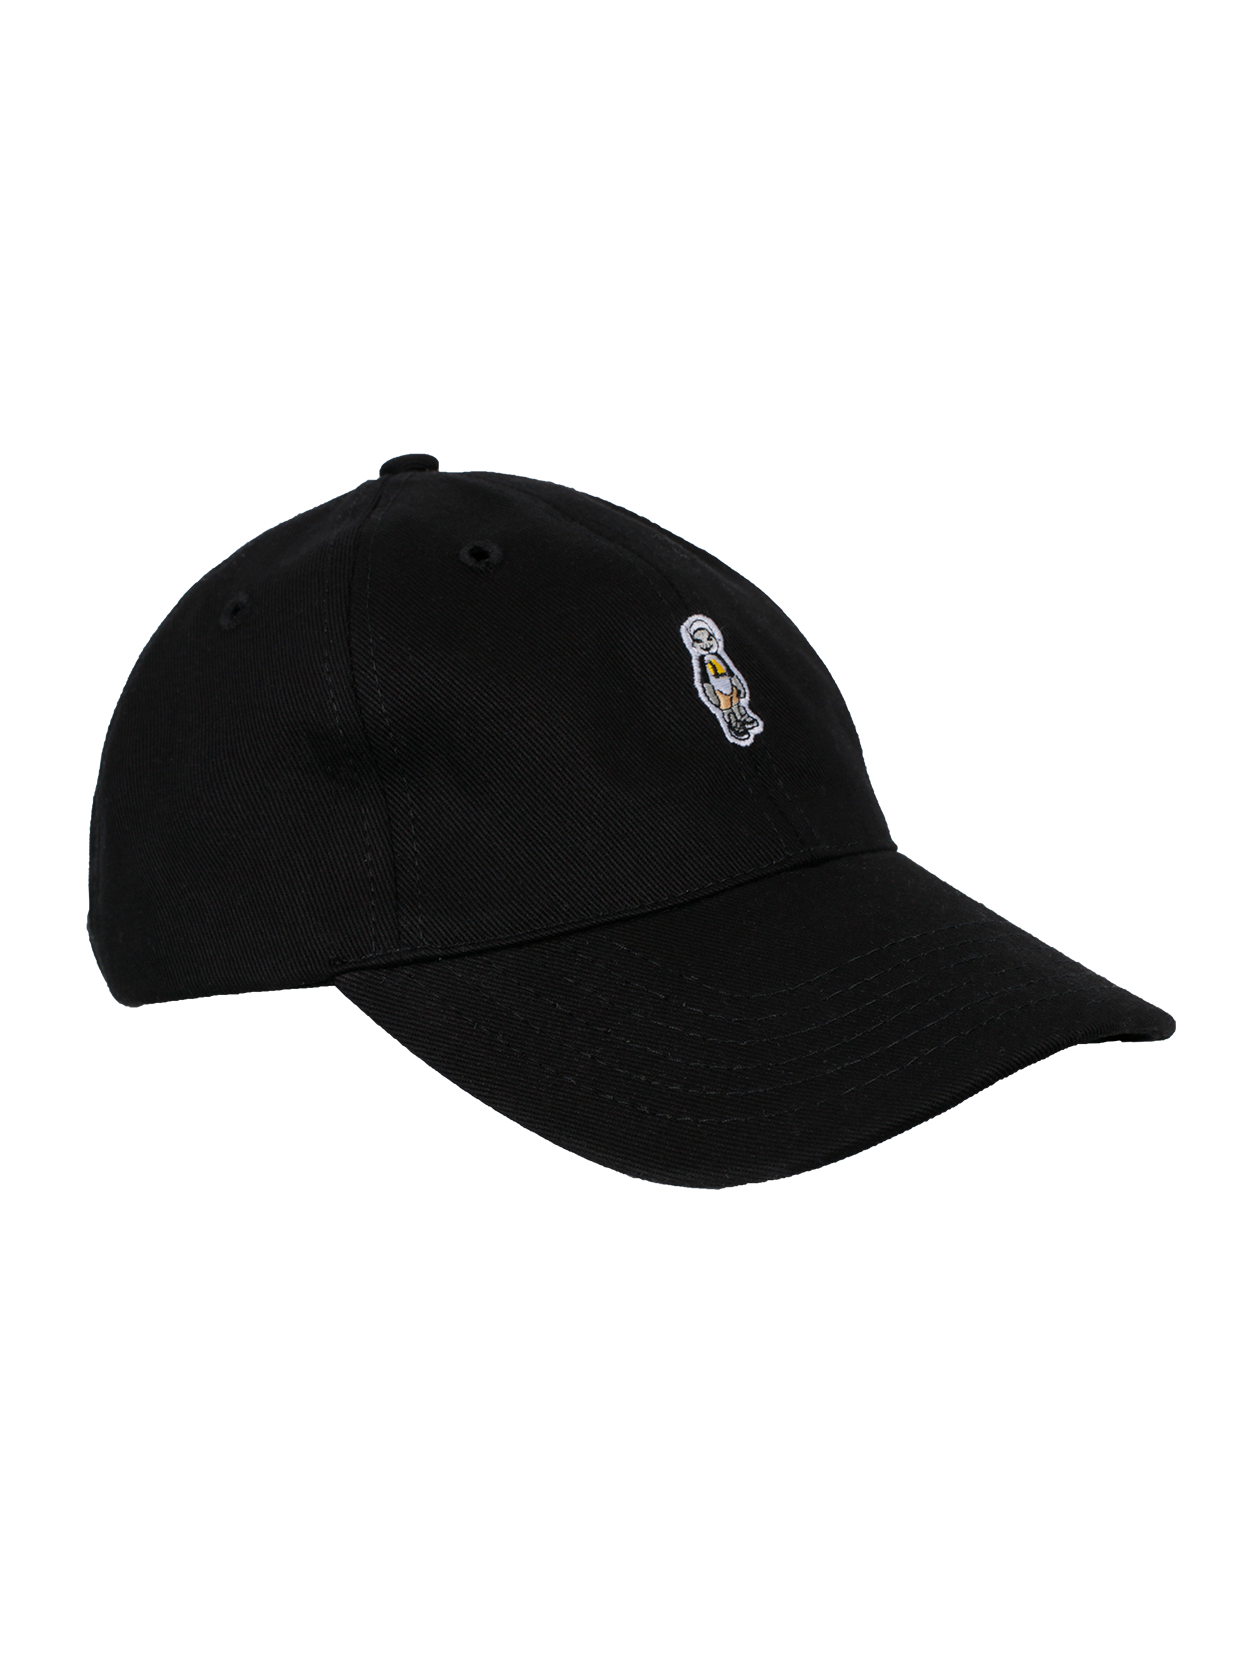 Кепка унисекс CATКепка унисекс Cat надежно защитит от солнца и придаст образу индивидуальности. Классический дизайн, широкий короткий козырек, пять панелей. Наличие вентиляционных отверстий гарантирует отличный воздухообмен. Спереди аксессуар украшен вышивкой с изображением кота в шлеме. Универсальная черная расцветка подходит к любой одежде и обуви. Сзади расположена застежка, позволяющая регулировать ширину изделия. Качественный хлопковый материал создает комфорт и легкость при носке.<br><br>Размер: Единый размер<br>Цвет: Черный<br>Пол: Унисекс